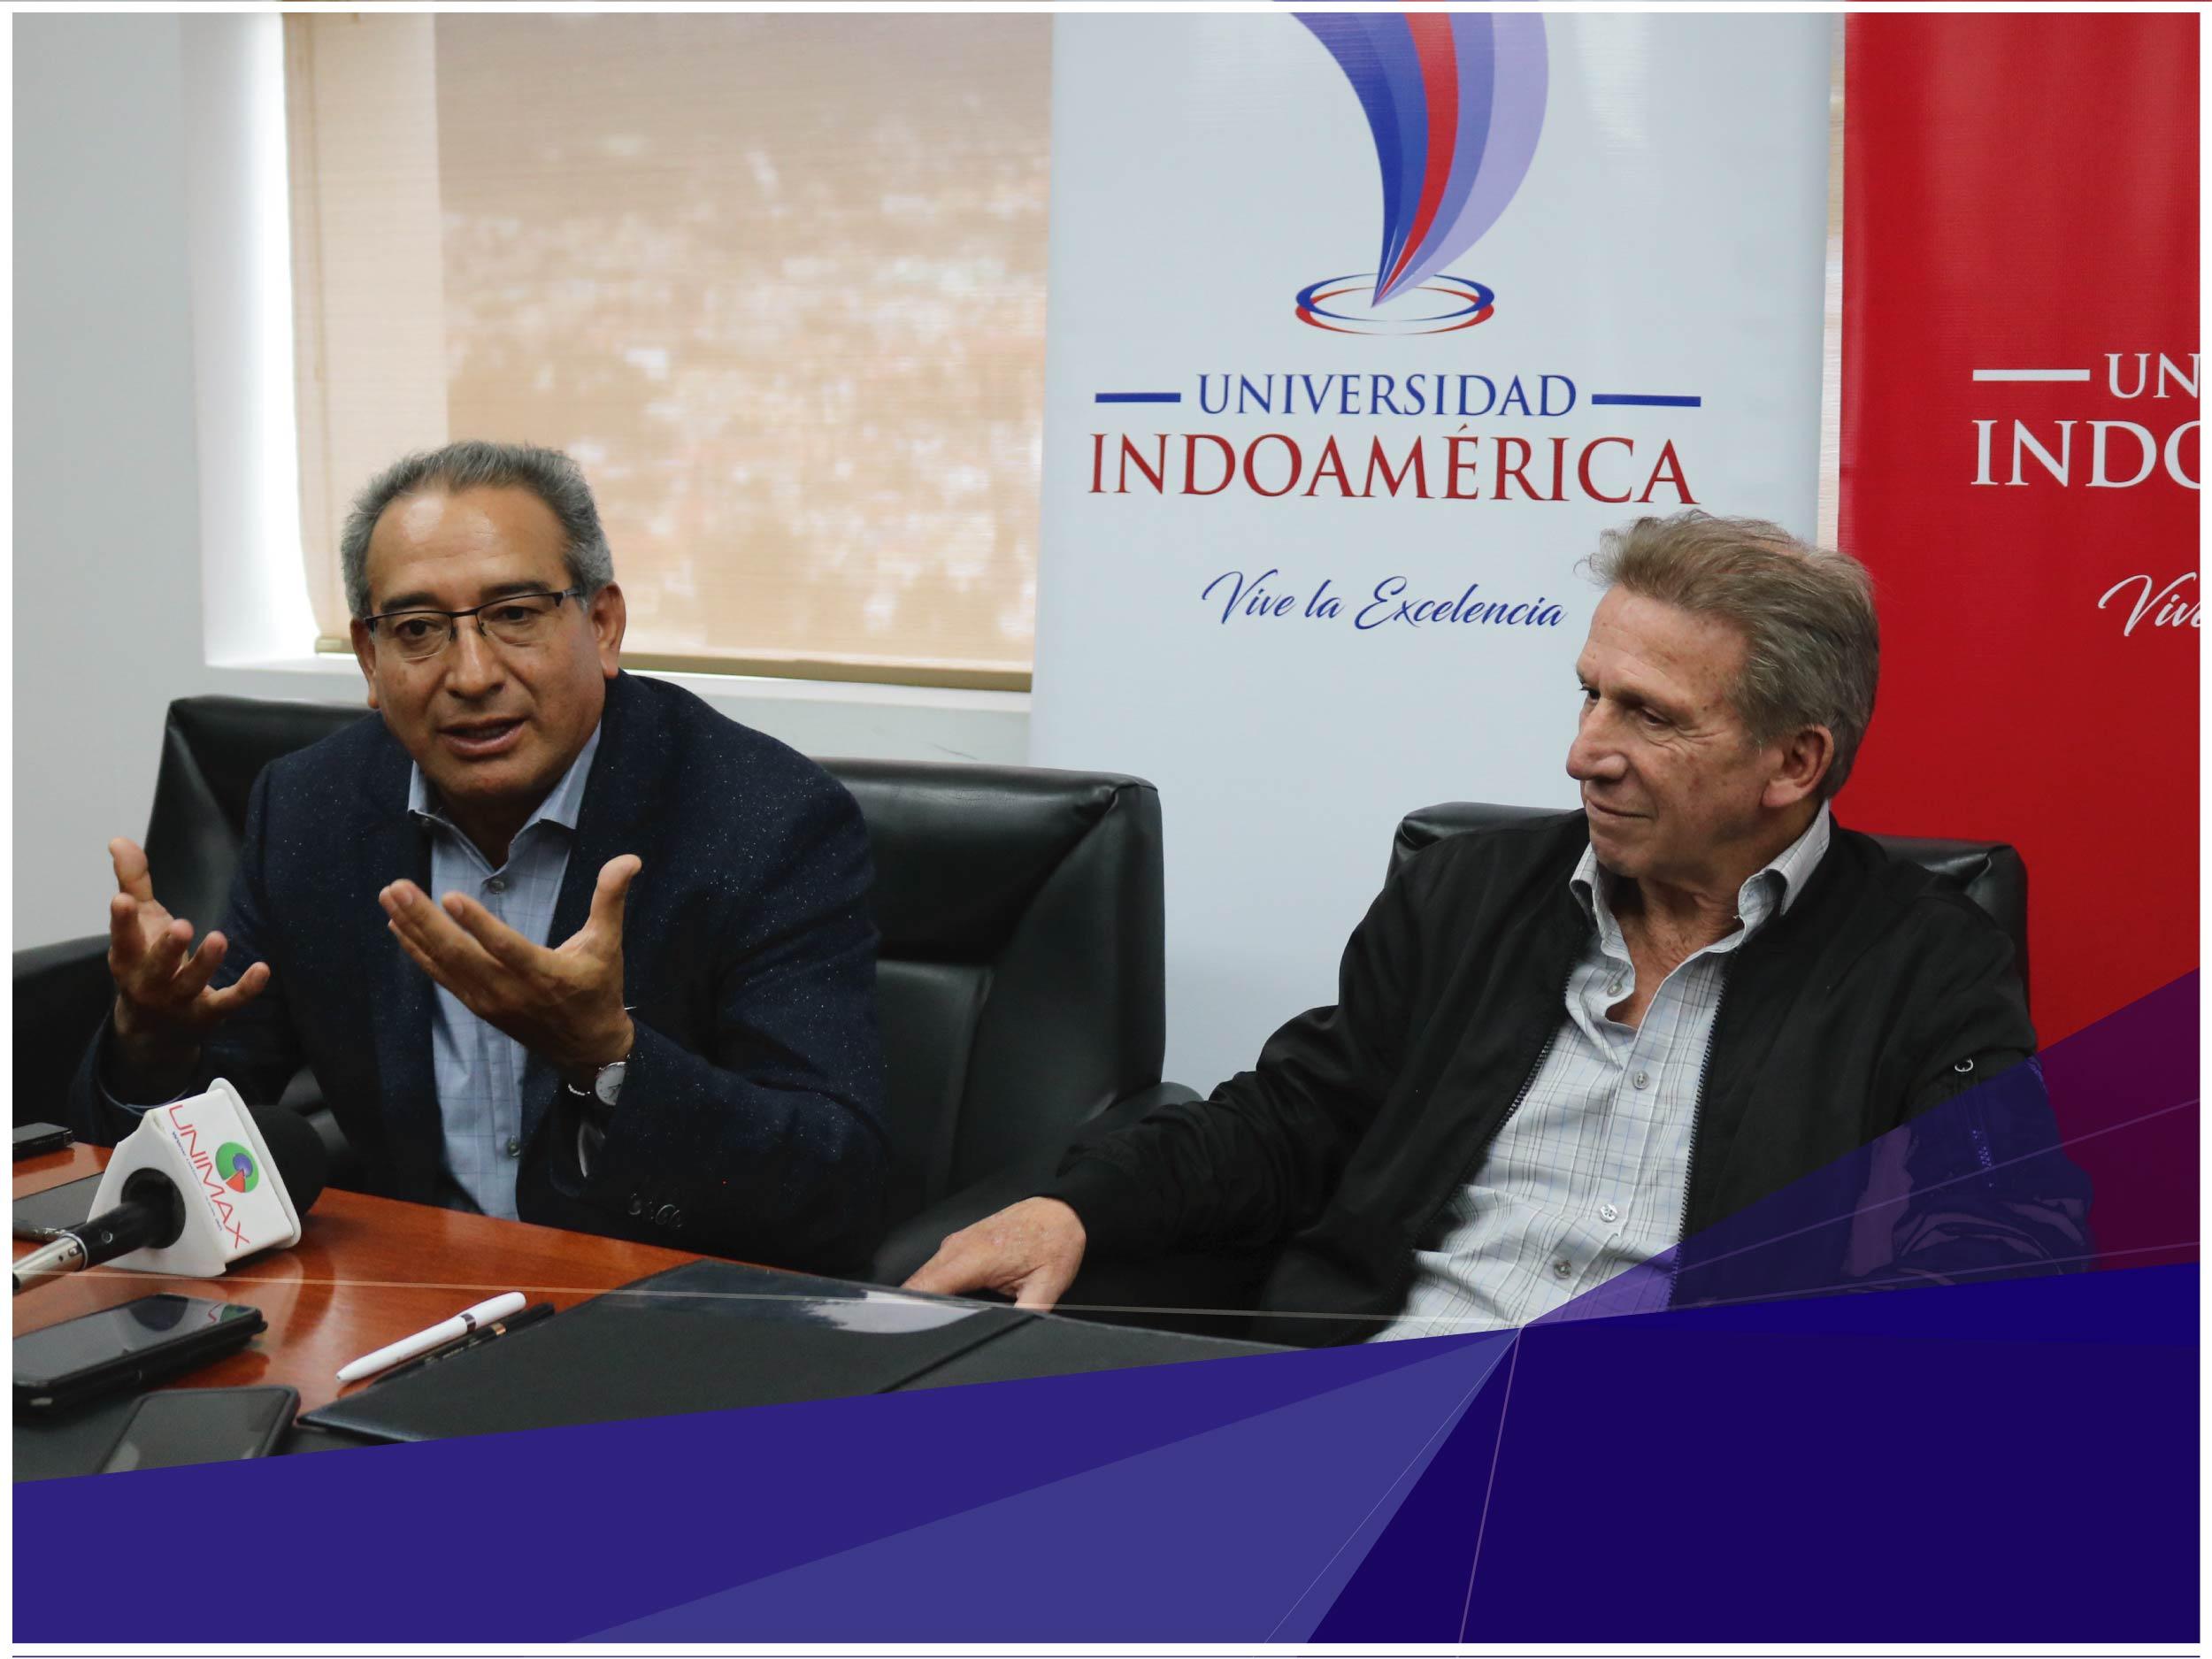 La Universidad Indoamérica apoya la práctica del deporte en la provincia de Tungurahua